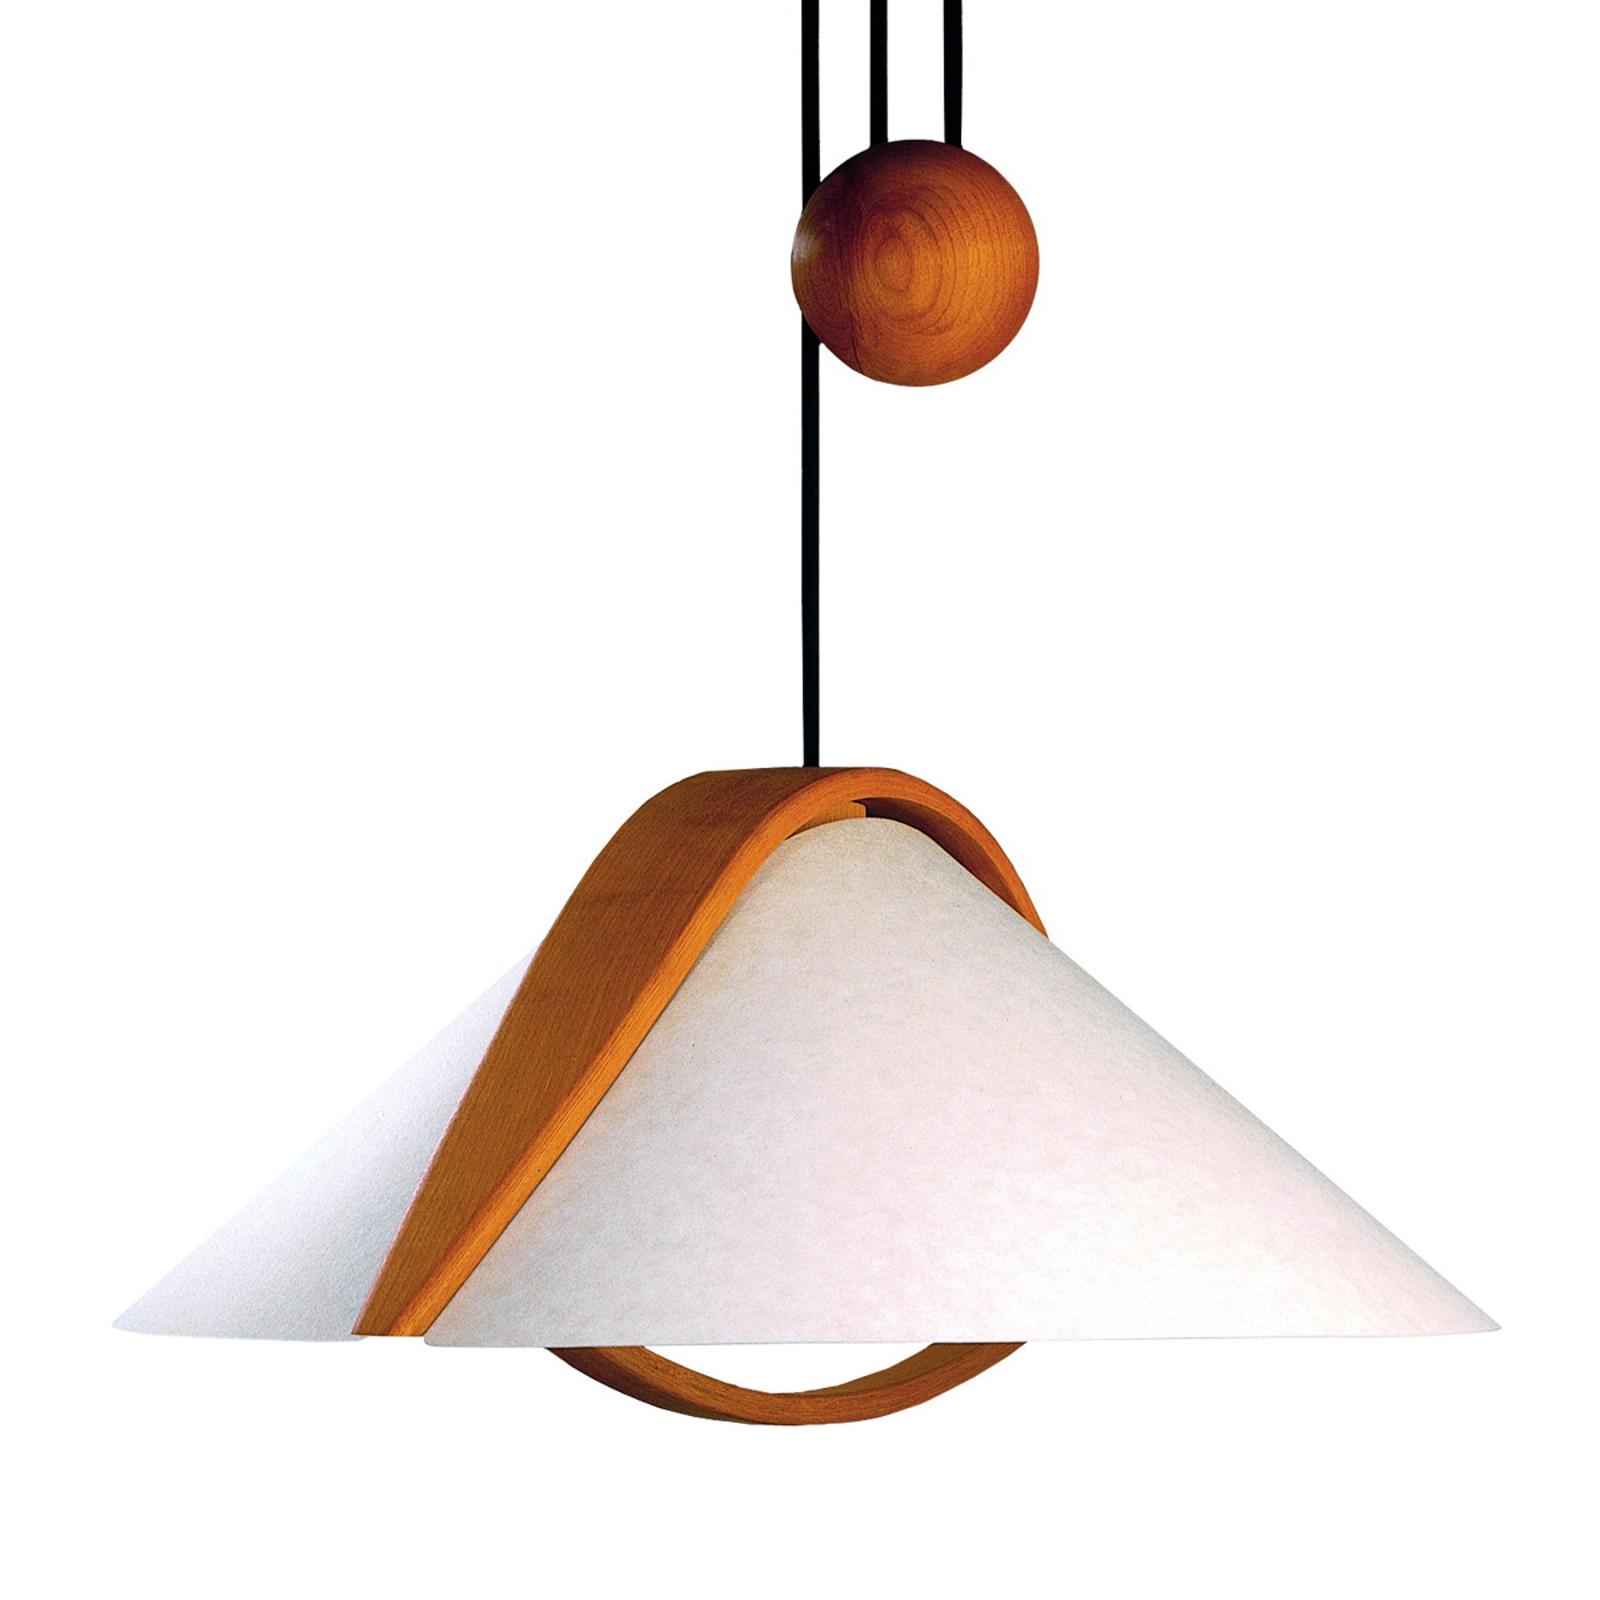 Linupphängd lampa Arta från Domus